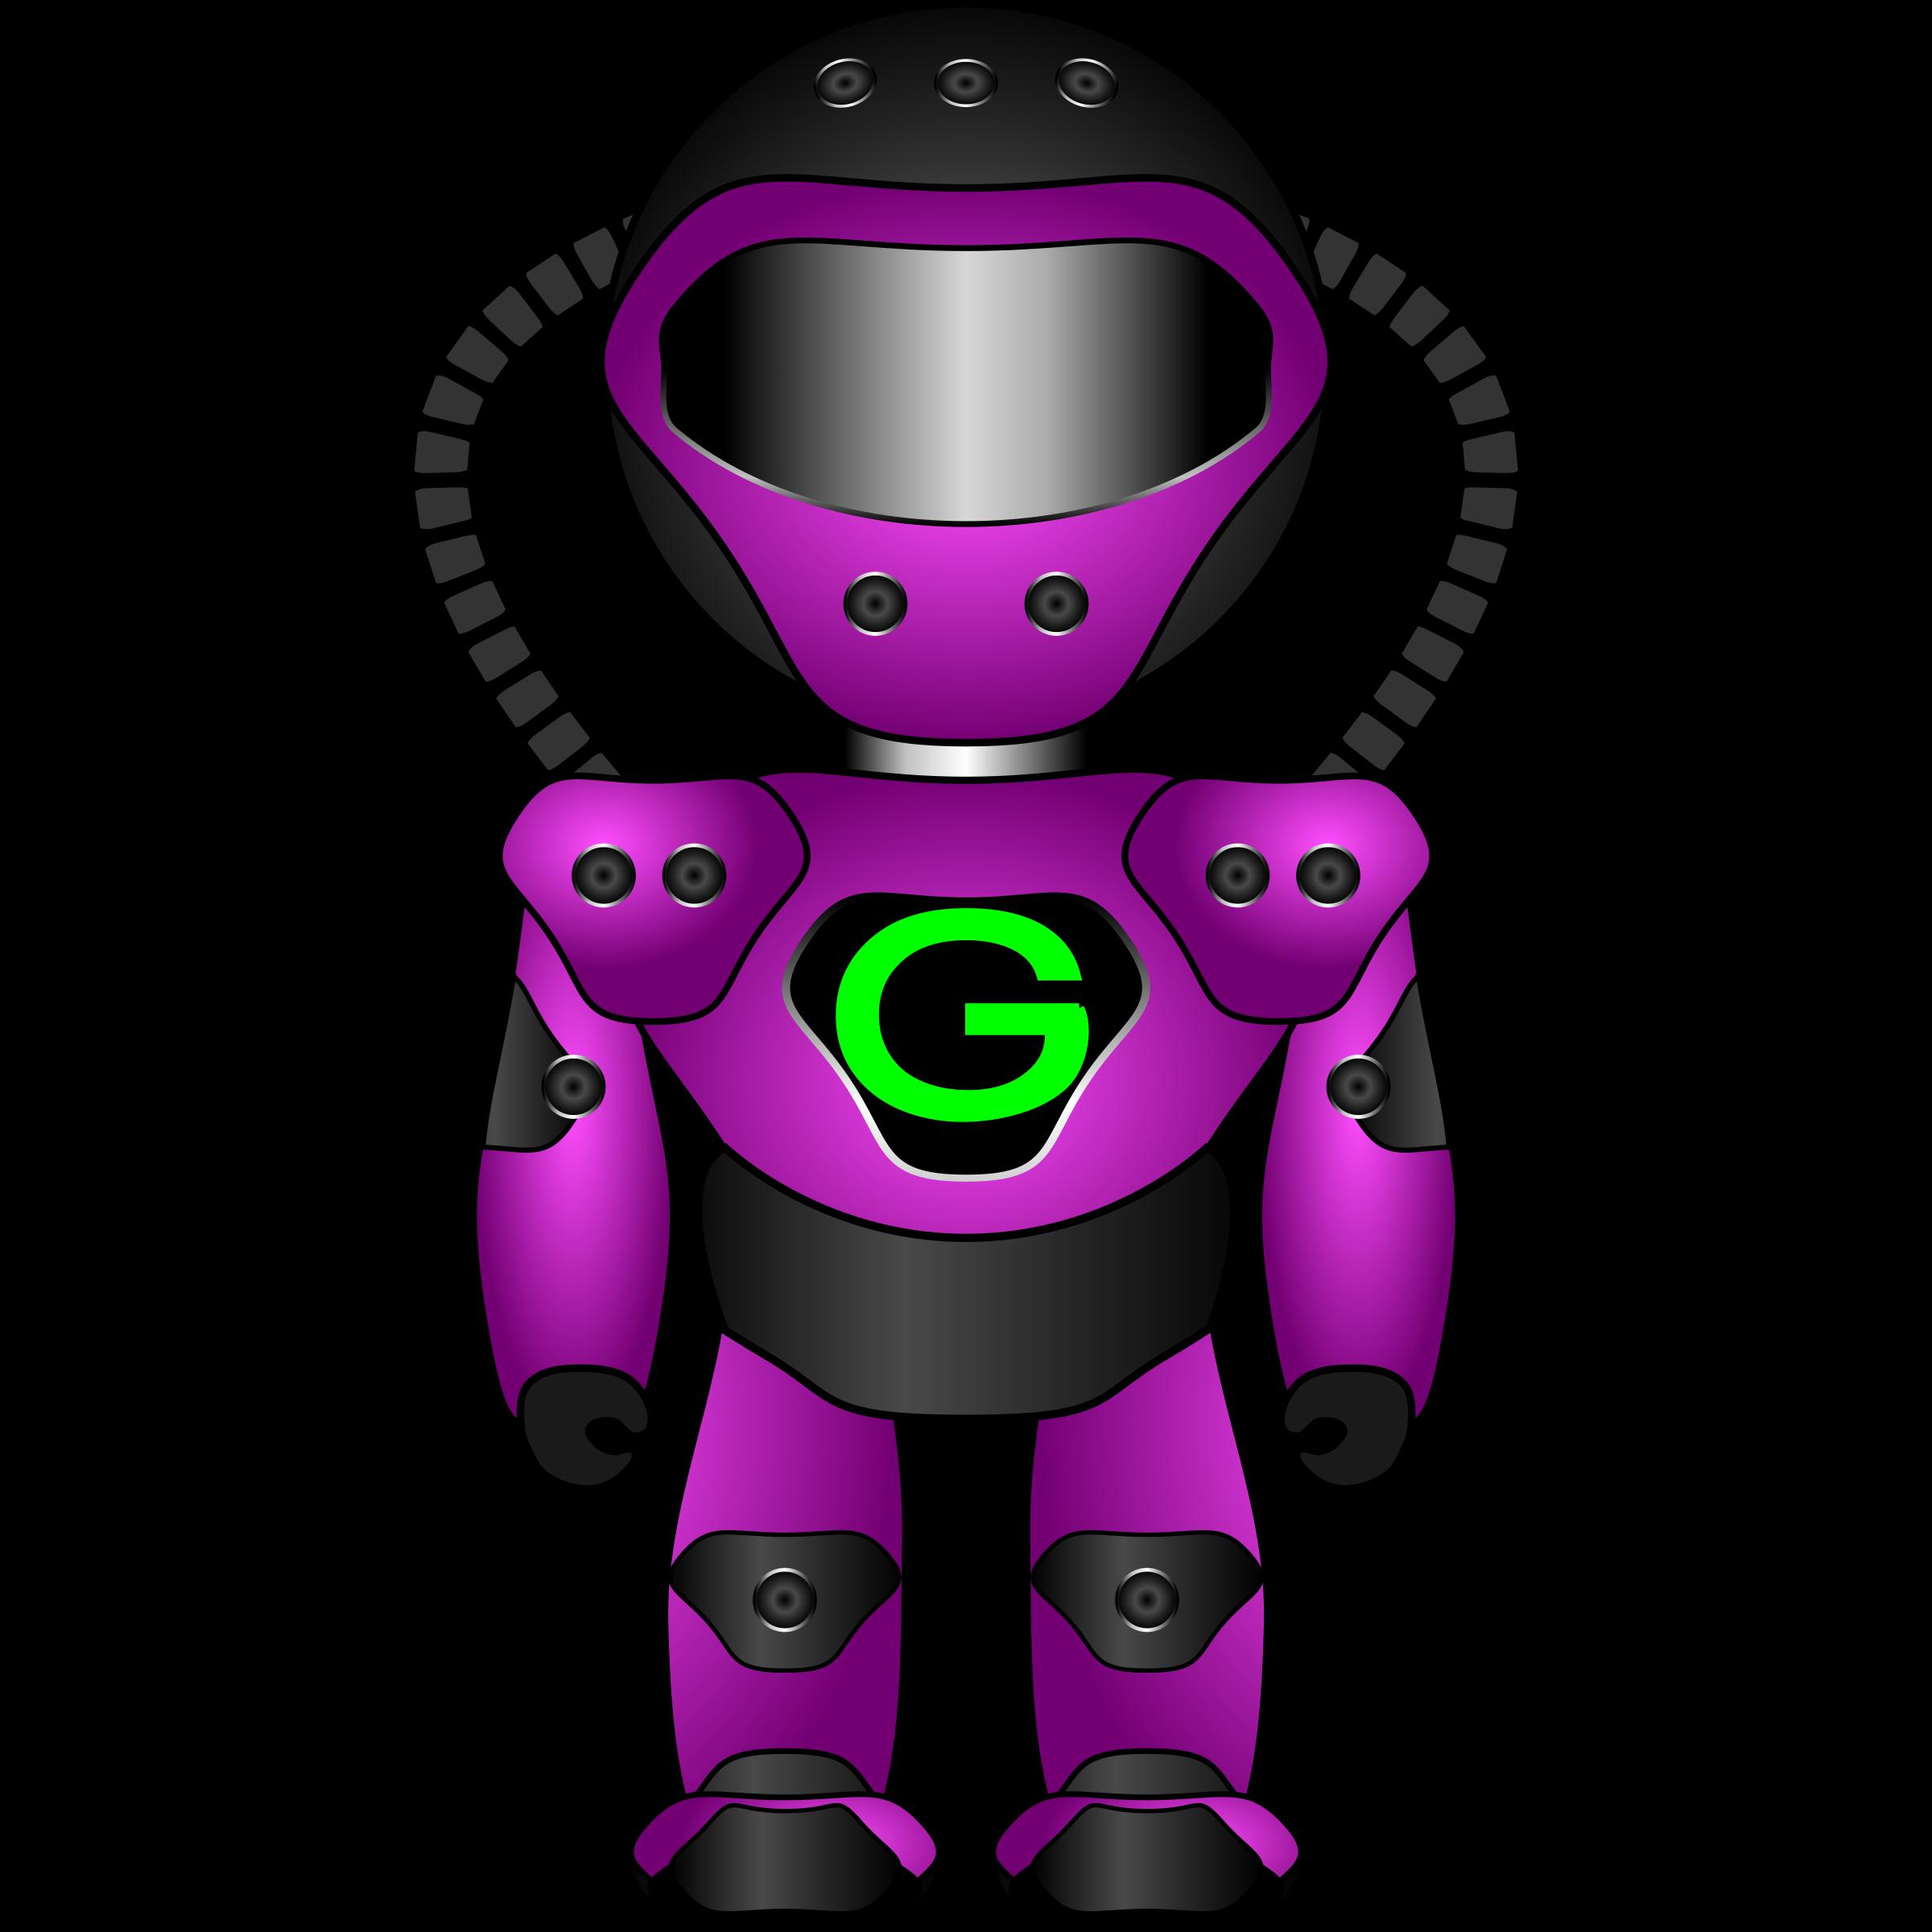 Gasman big image png. Legos clipart robotics lego